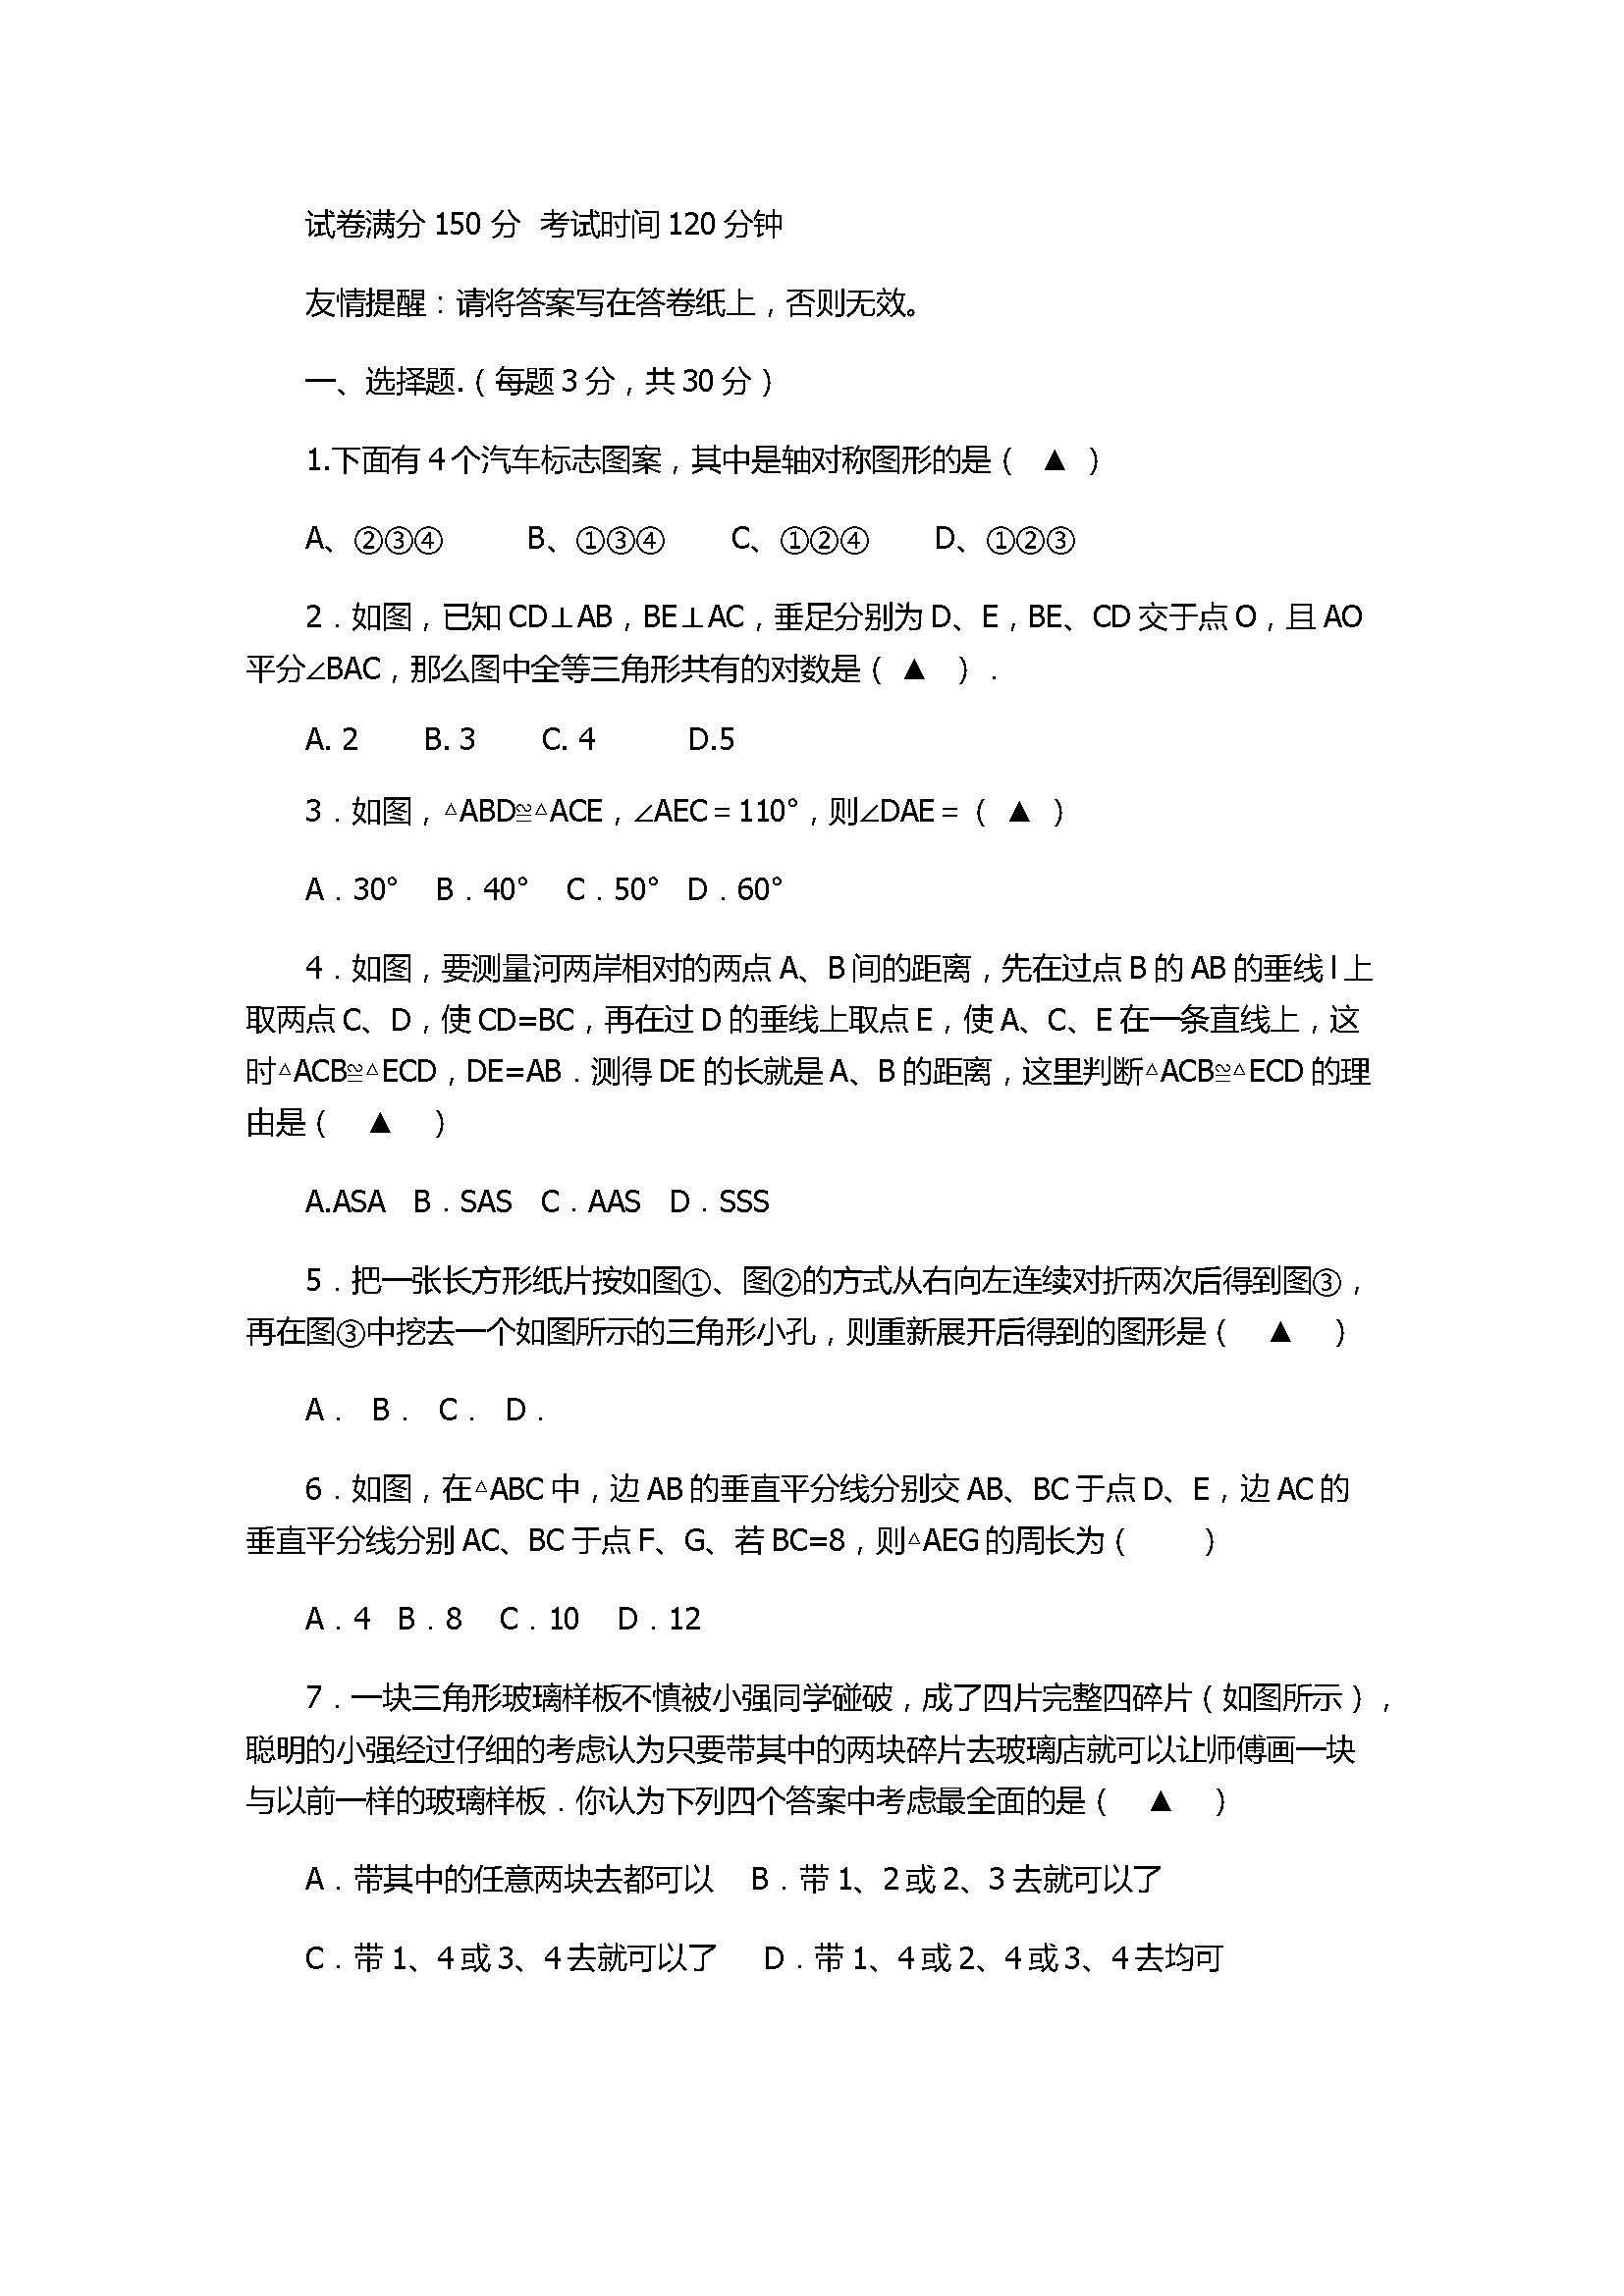 2017八年级数学上册月考测试卷附参考答案(泗阳县经济开发区)